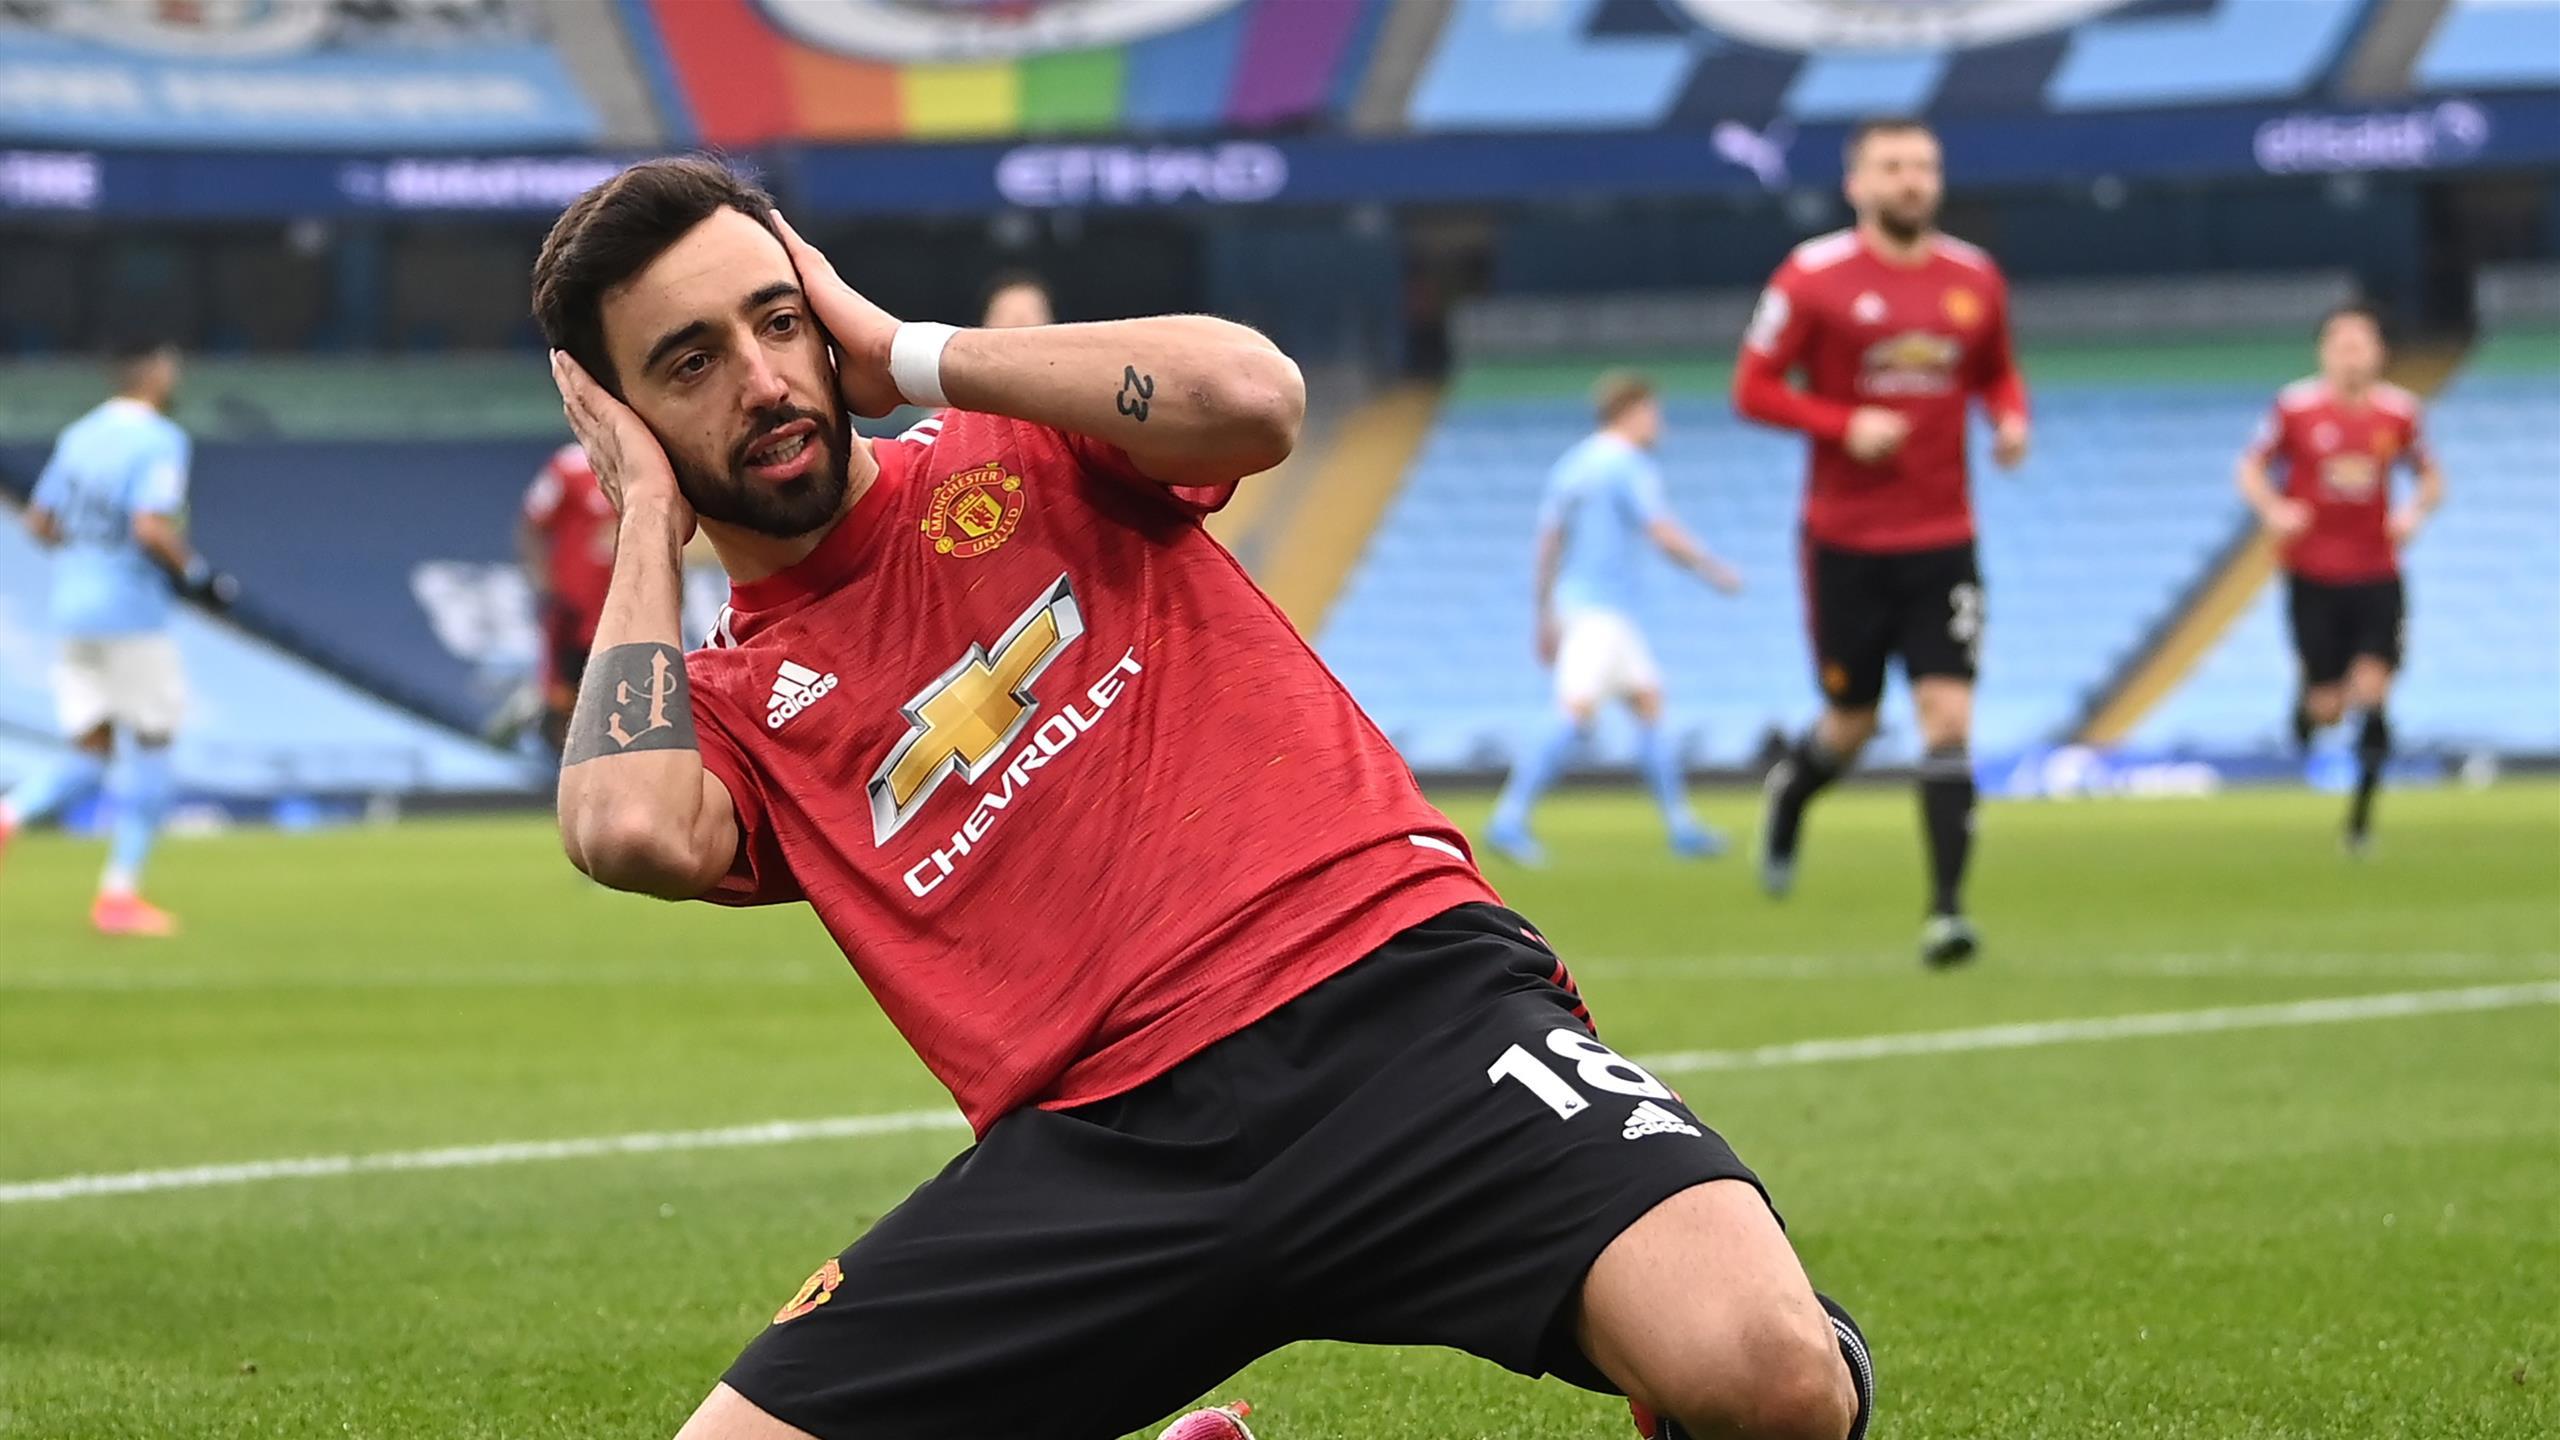 Manchester City 0-2 Manchester United: Citizens' 21-match winning streak  comes to crunching halt - Eurosport